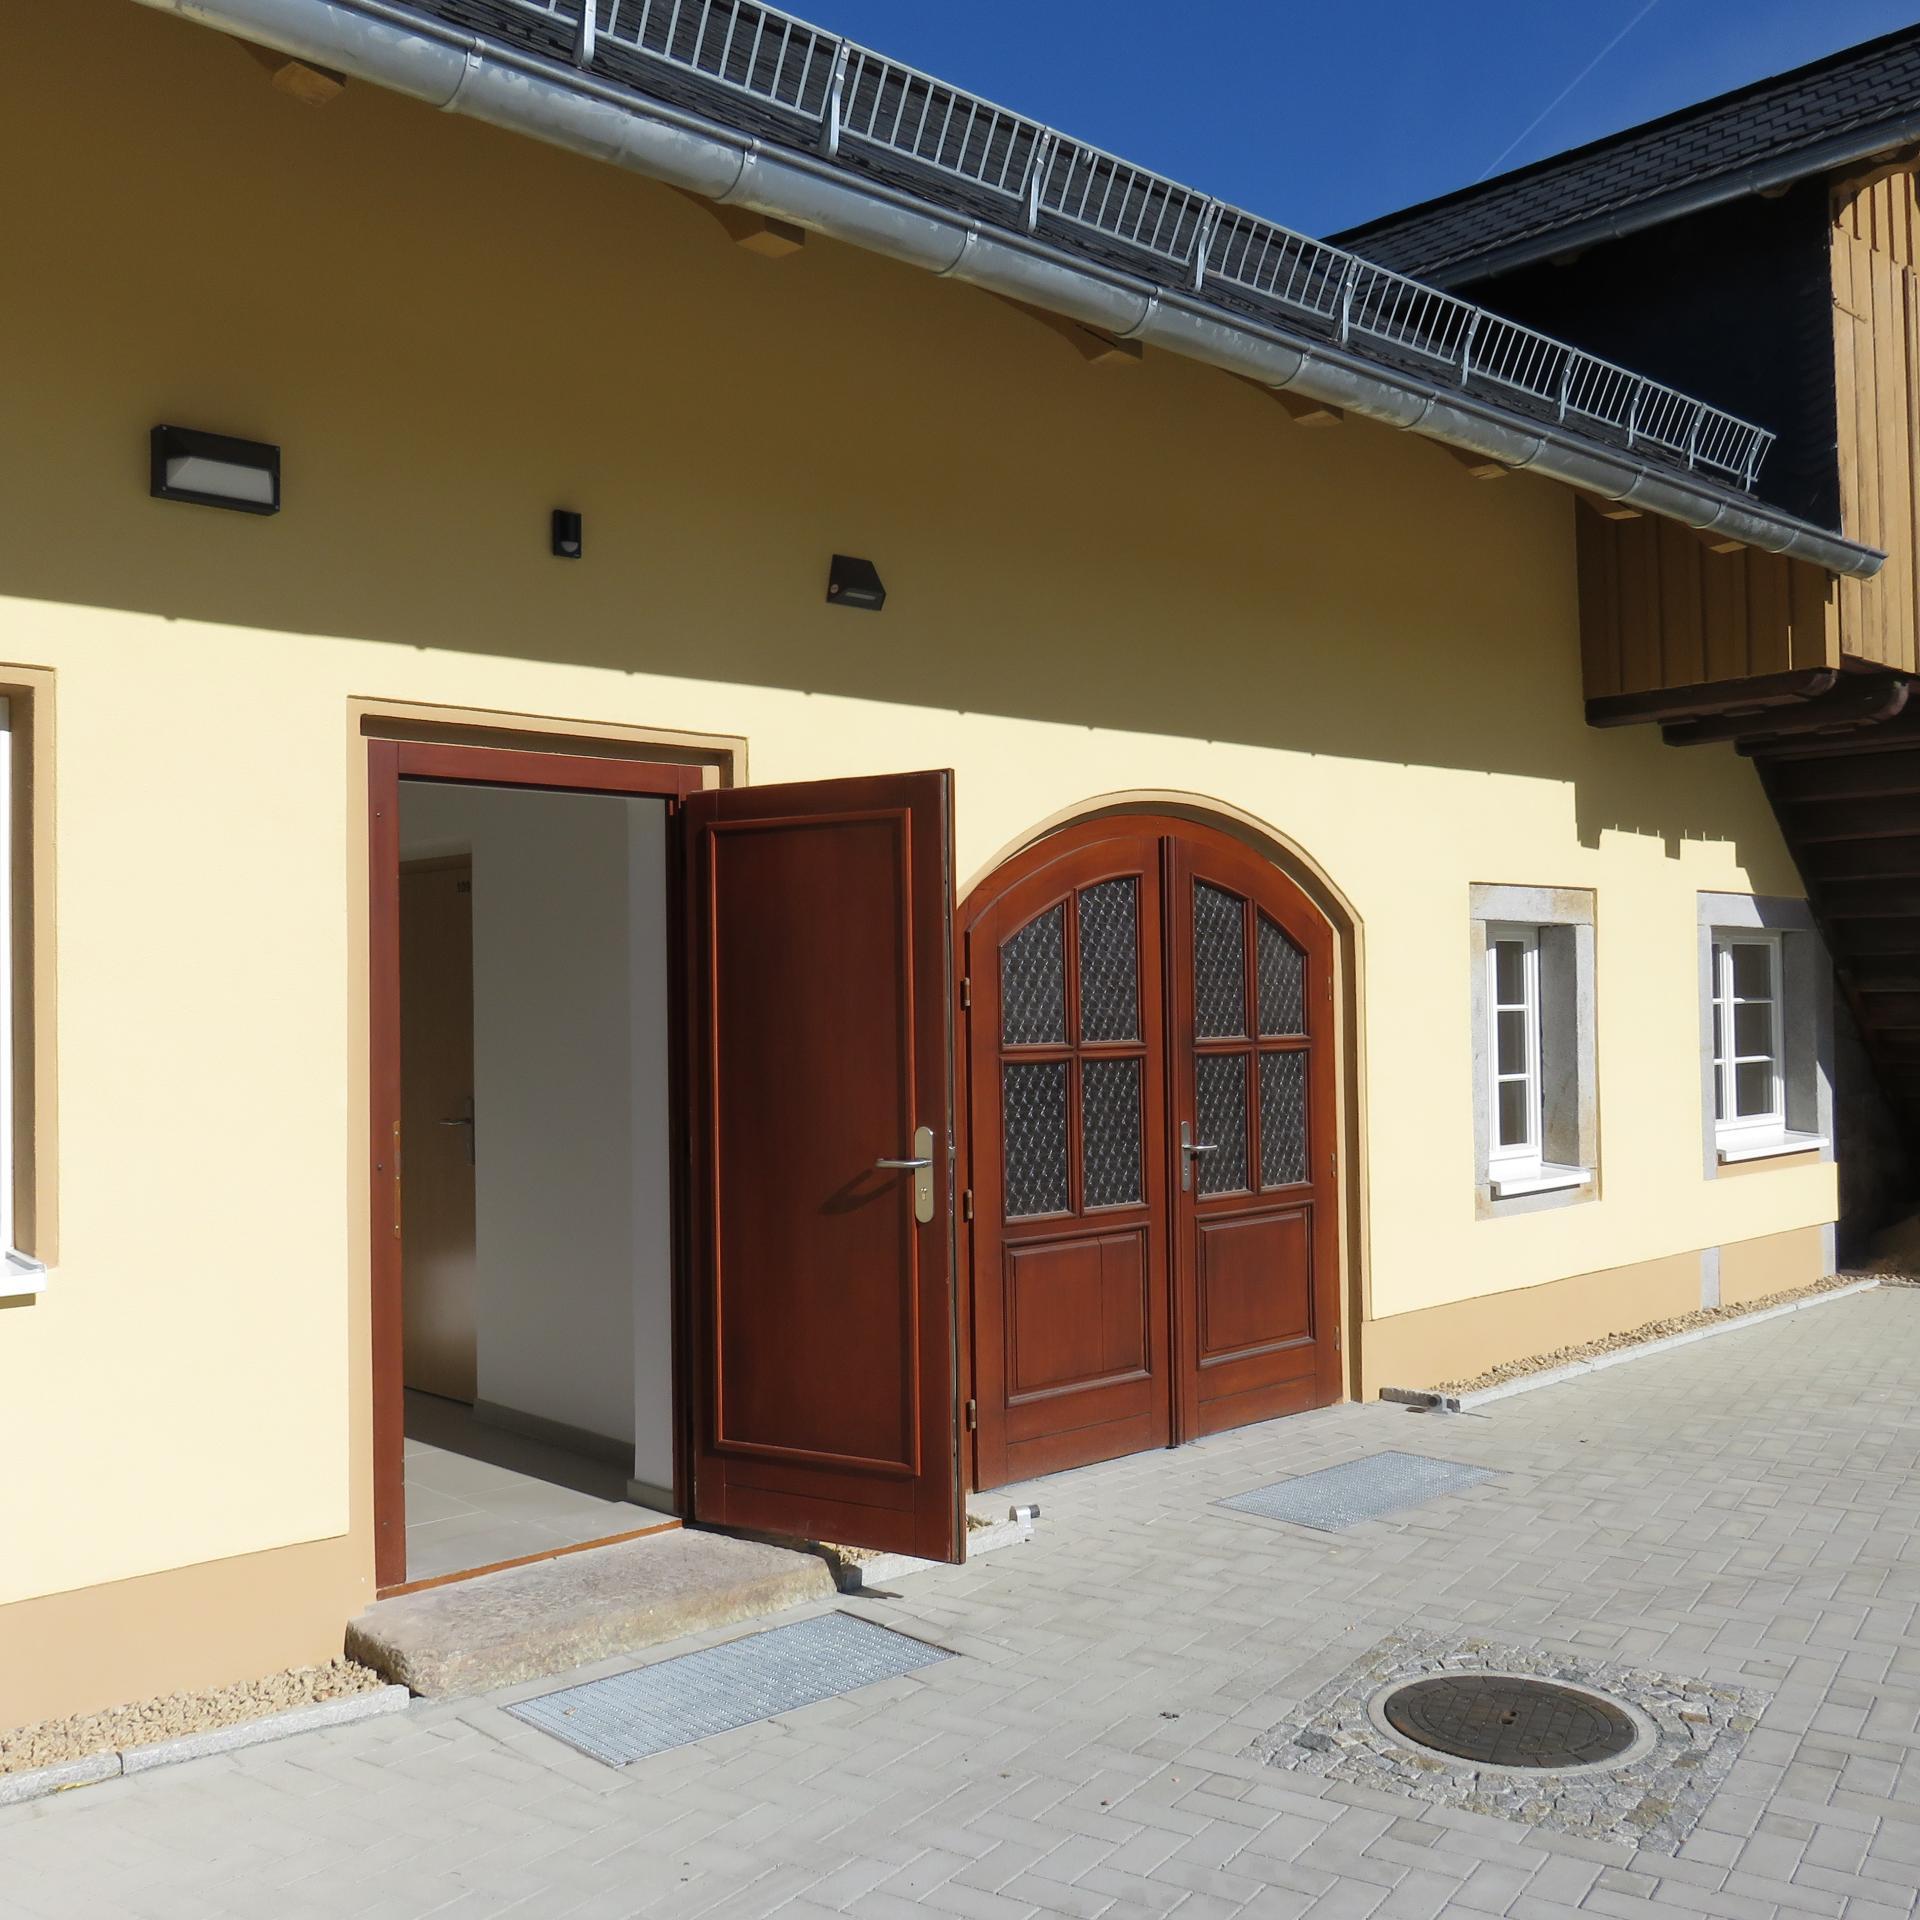 Eingang zu den Räumen der Vermietung Foto:Jana Häntschel